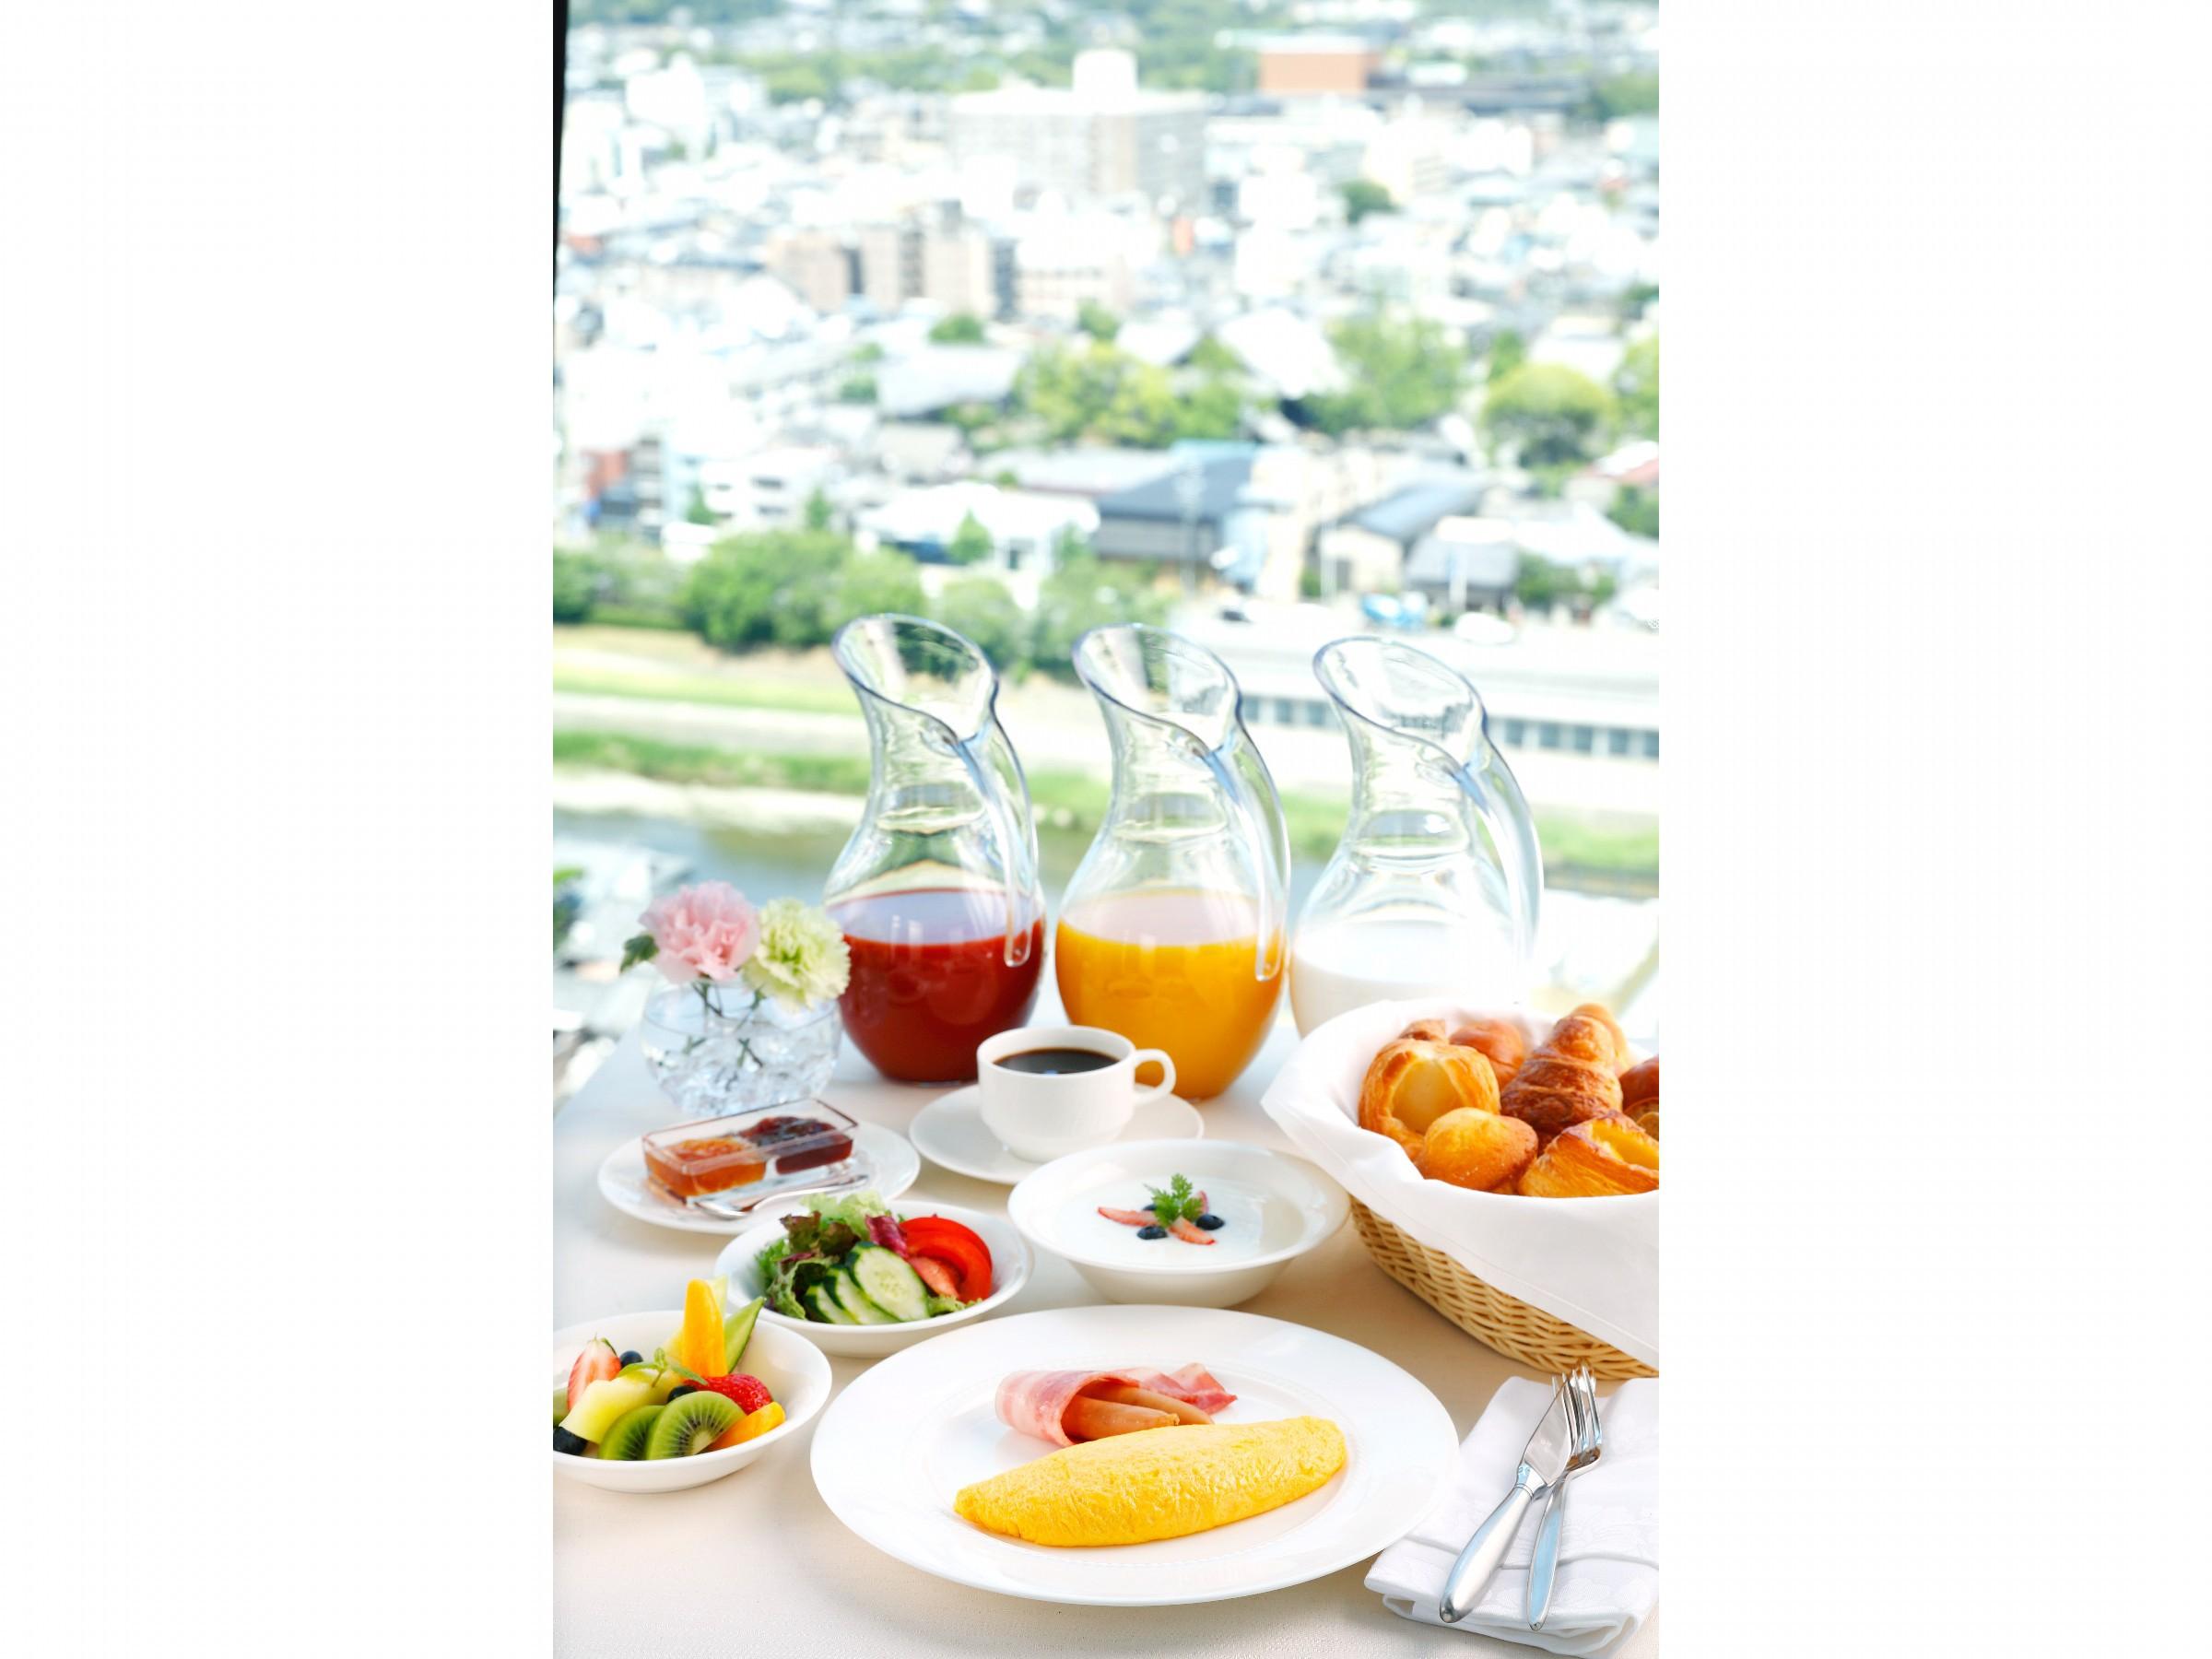 【古都の絶景を眺めながら朝食を〜】 期間限定でお得な朝食付パッケージ